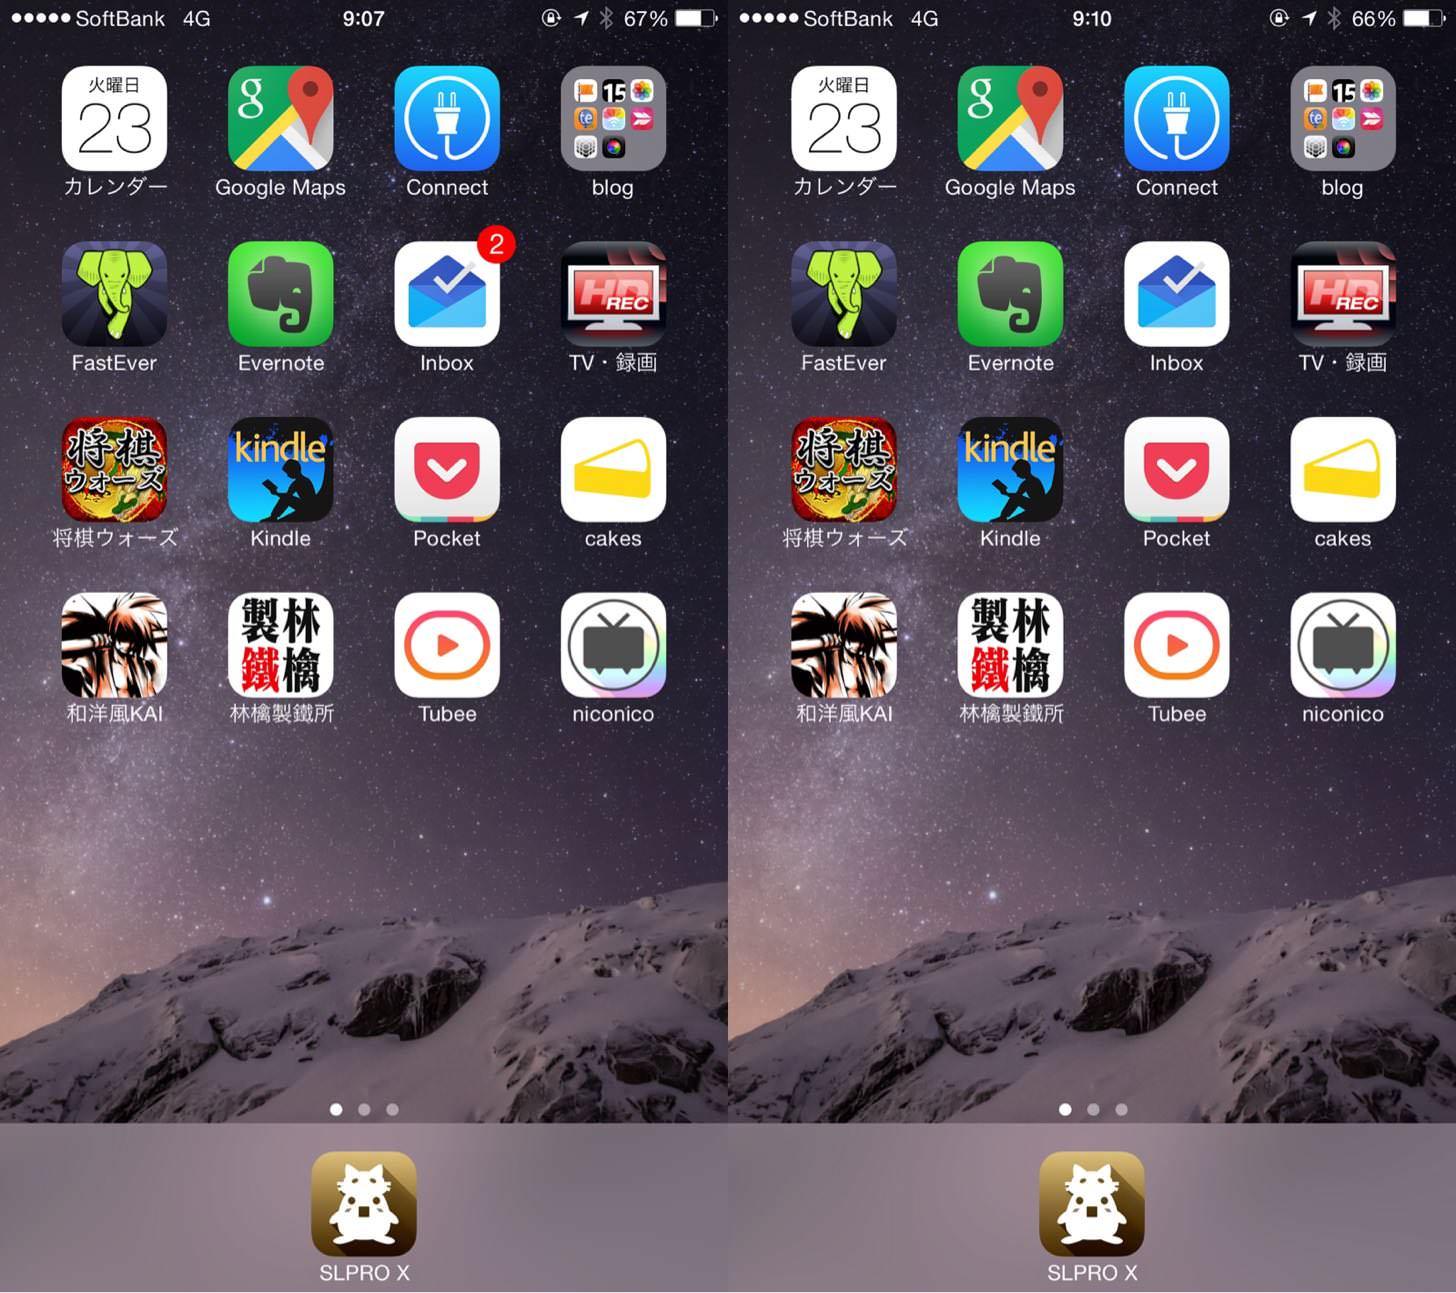 iPhoneアプリの上に表示される数字のアイコンバッジを常に非表示にする方法。